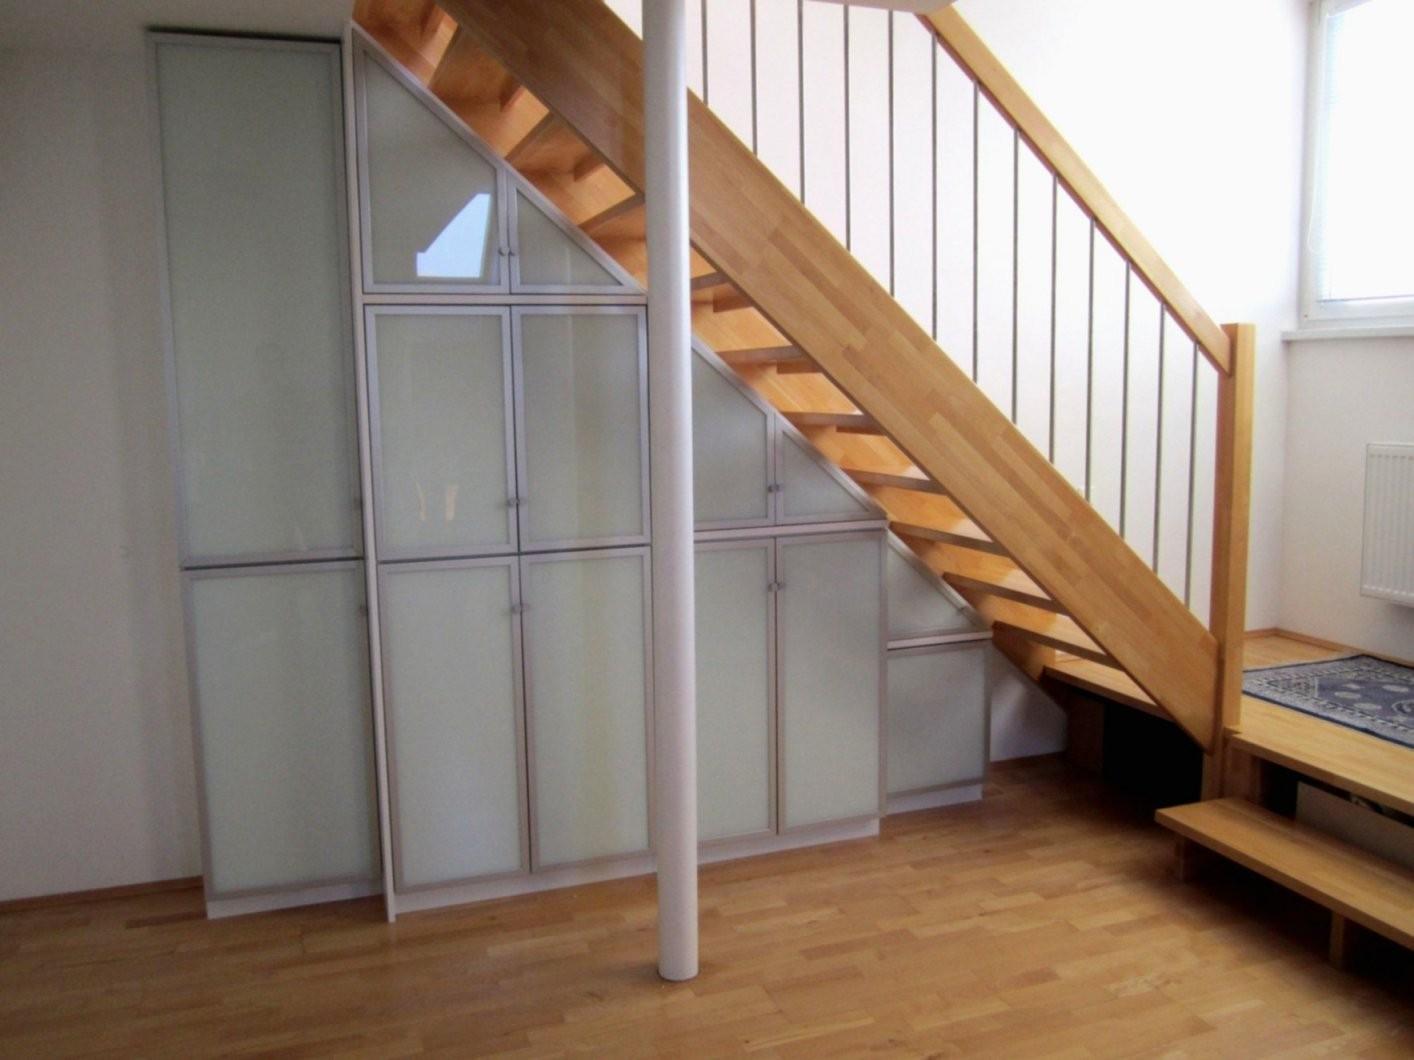 Schrank Unter Offener Treppe Selber Bauen Stauraum Unter Fener von Schrank Unter Treppe Selber Bauen Bild